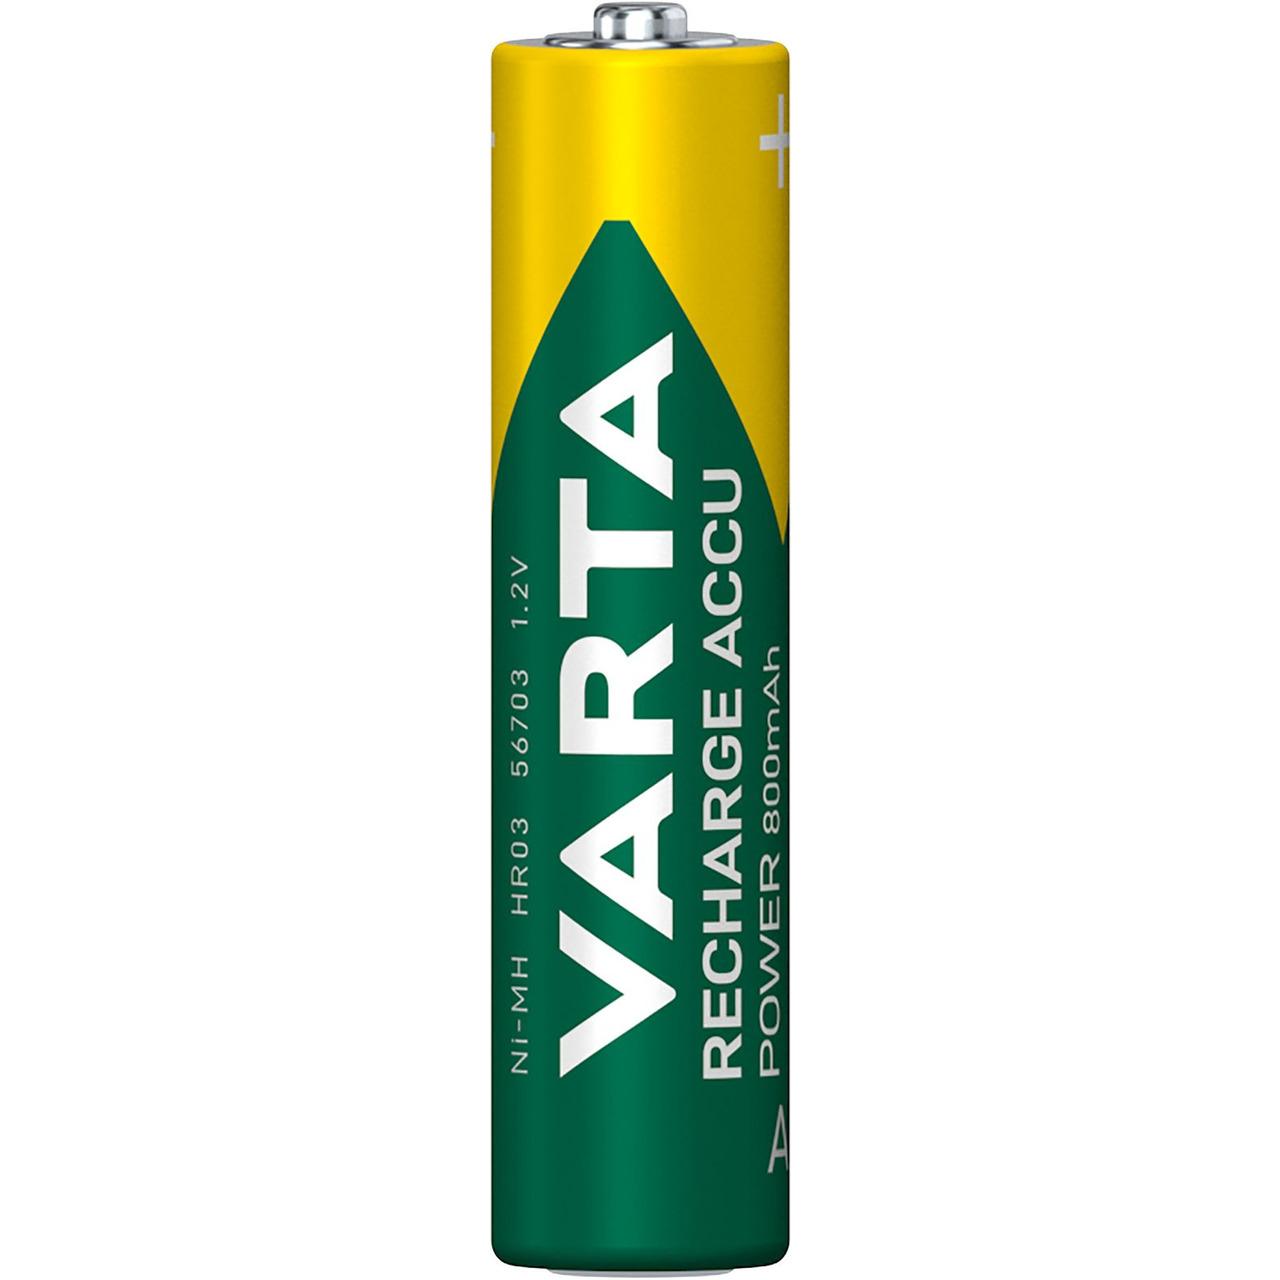 VARTA RECH-ACCU Power AAA 800mAh Blister 4